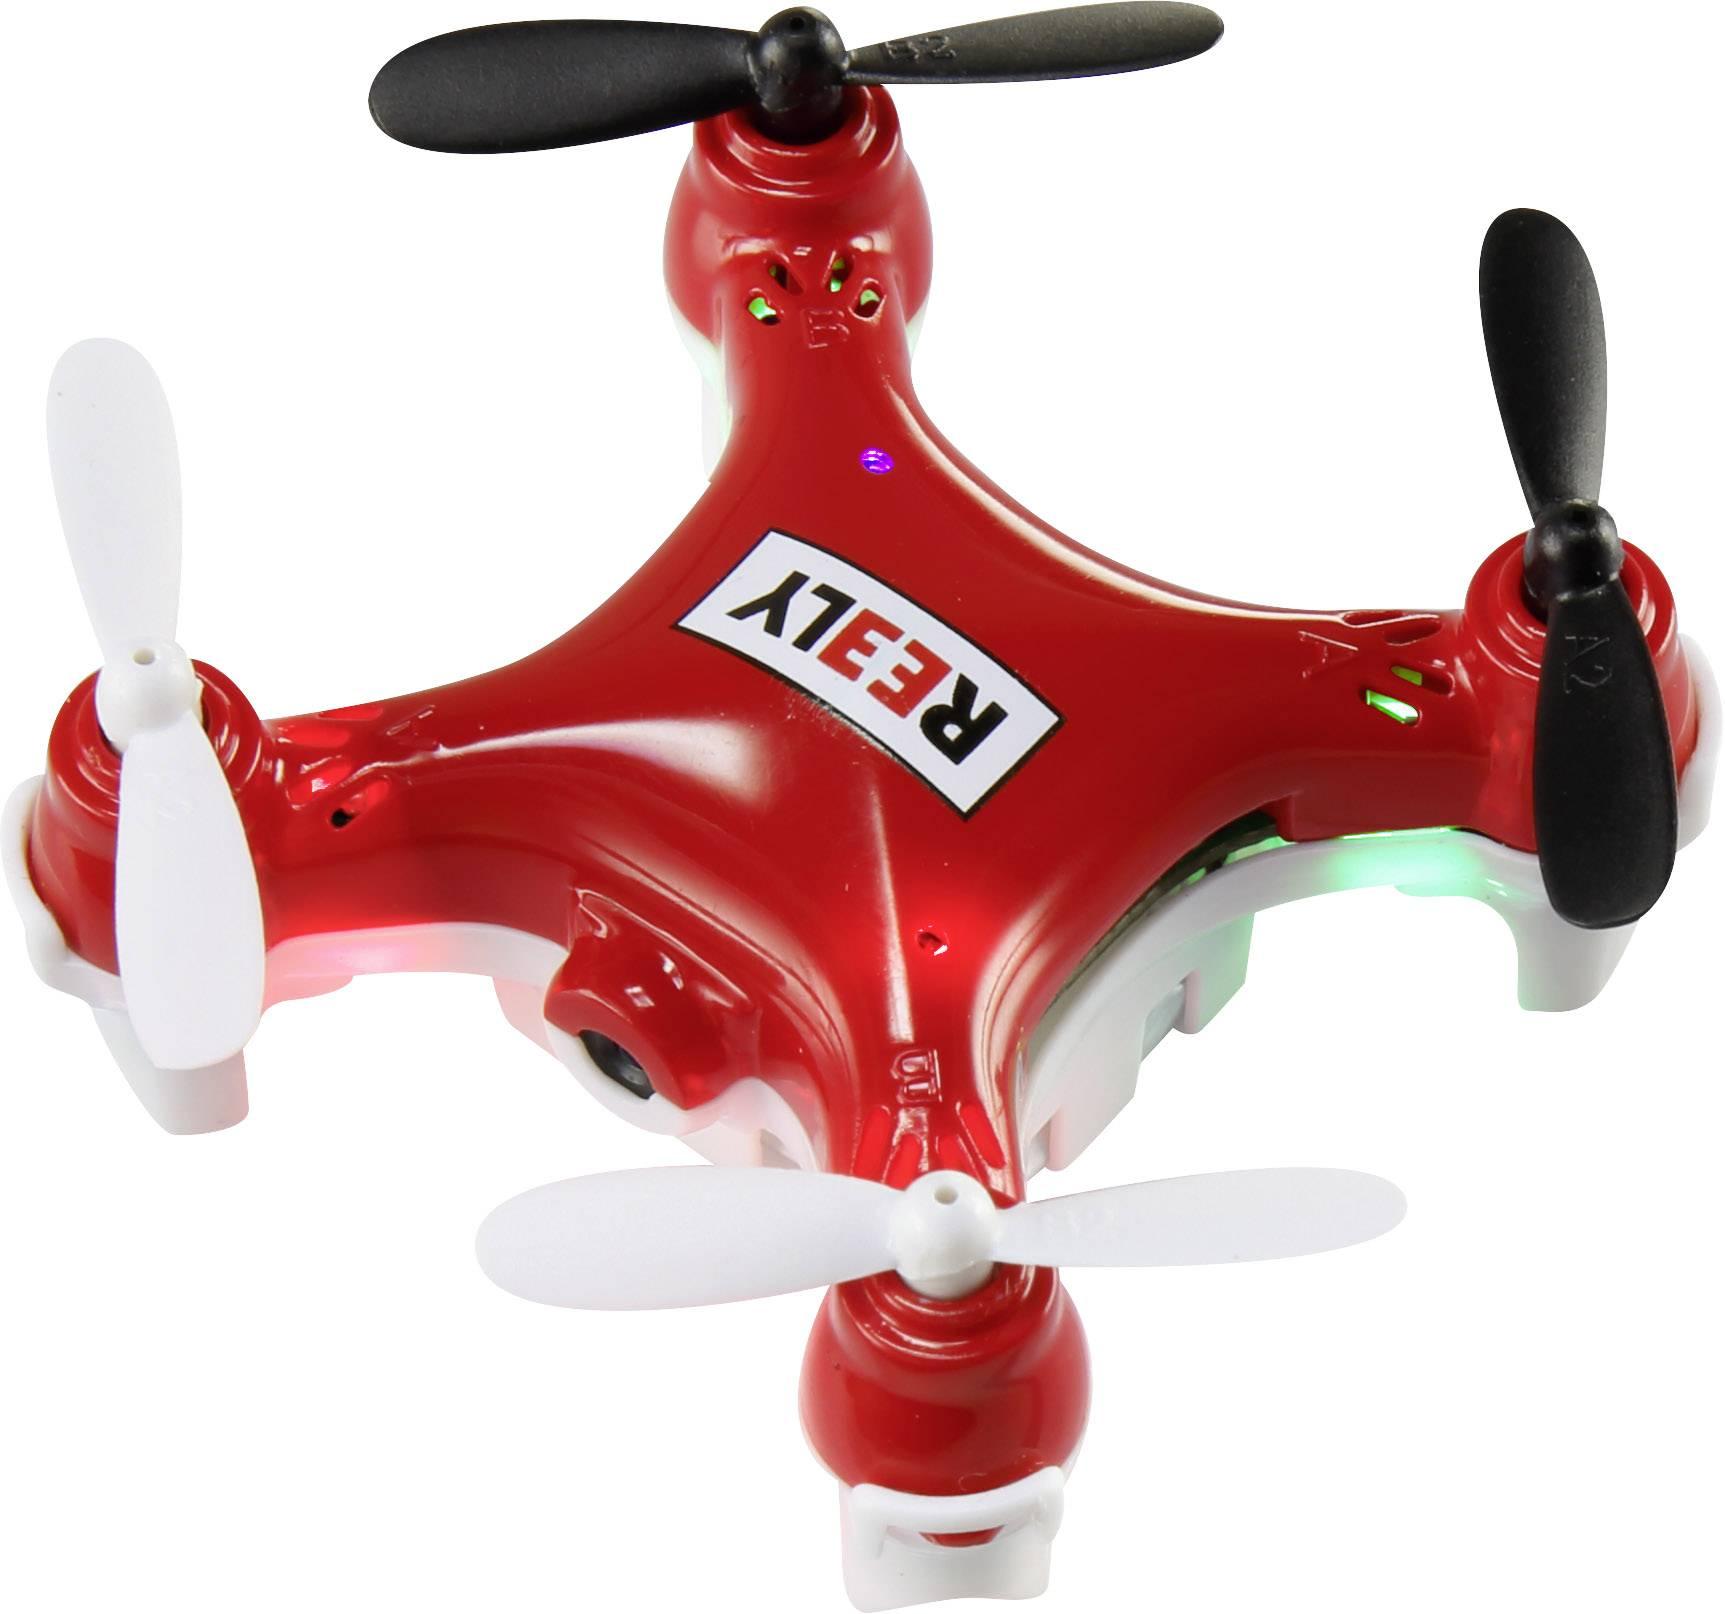 Drony a kvadrokoptery pro začátečníky